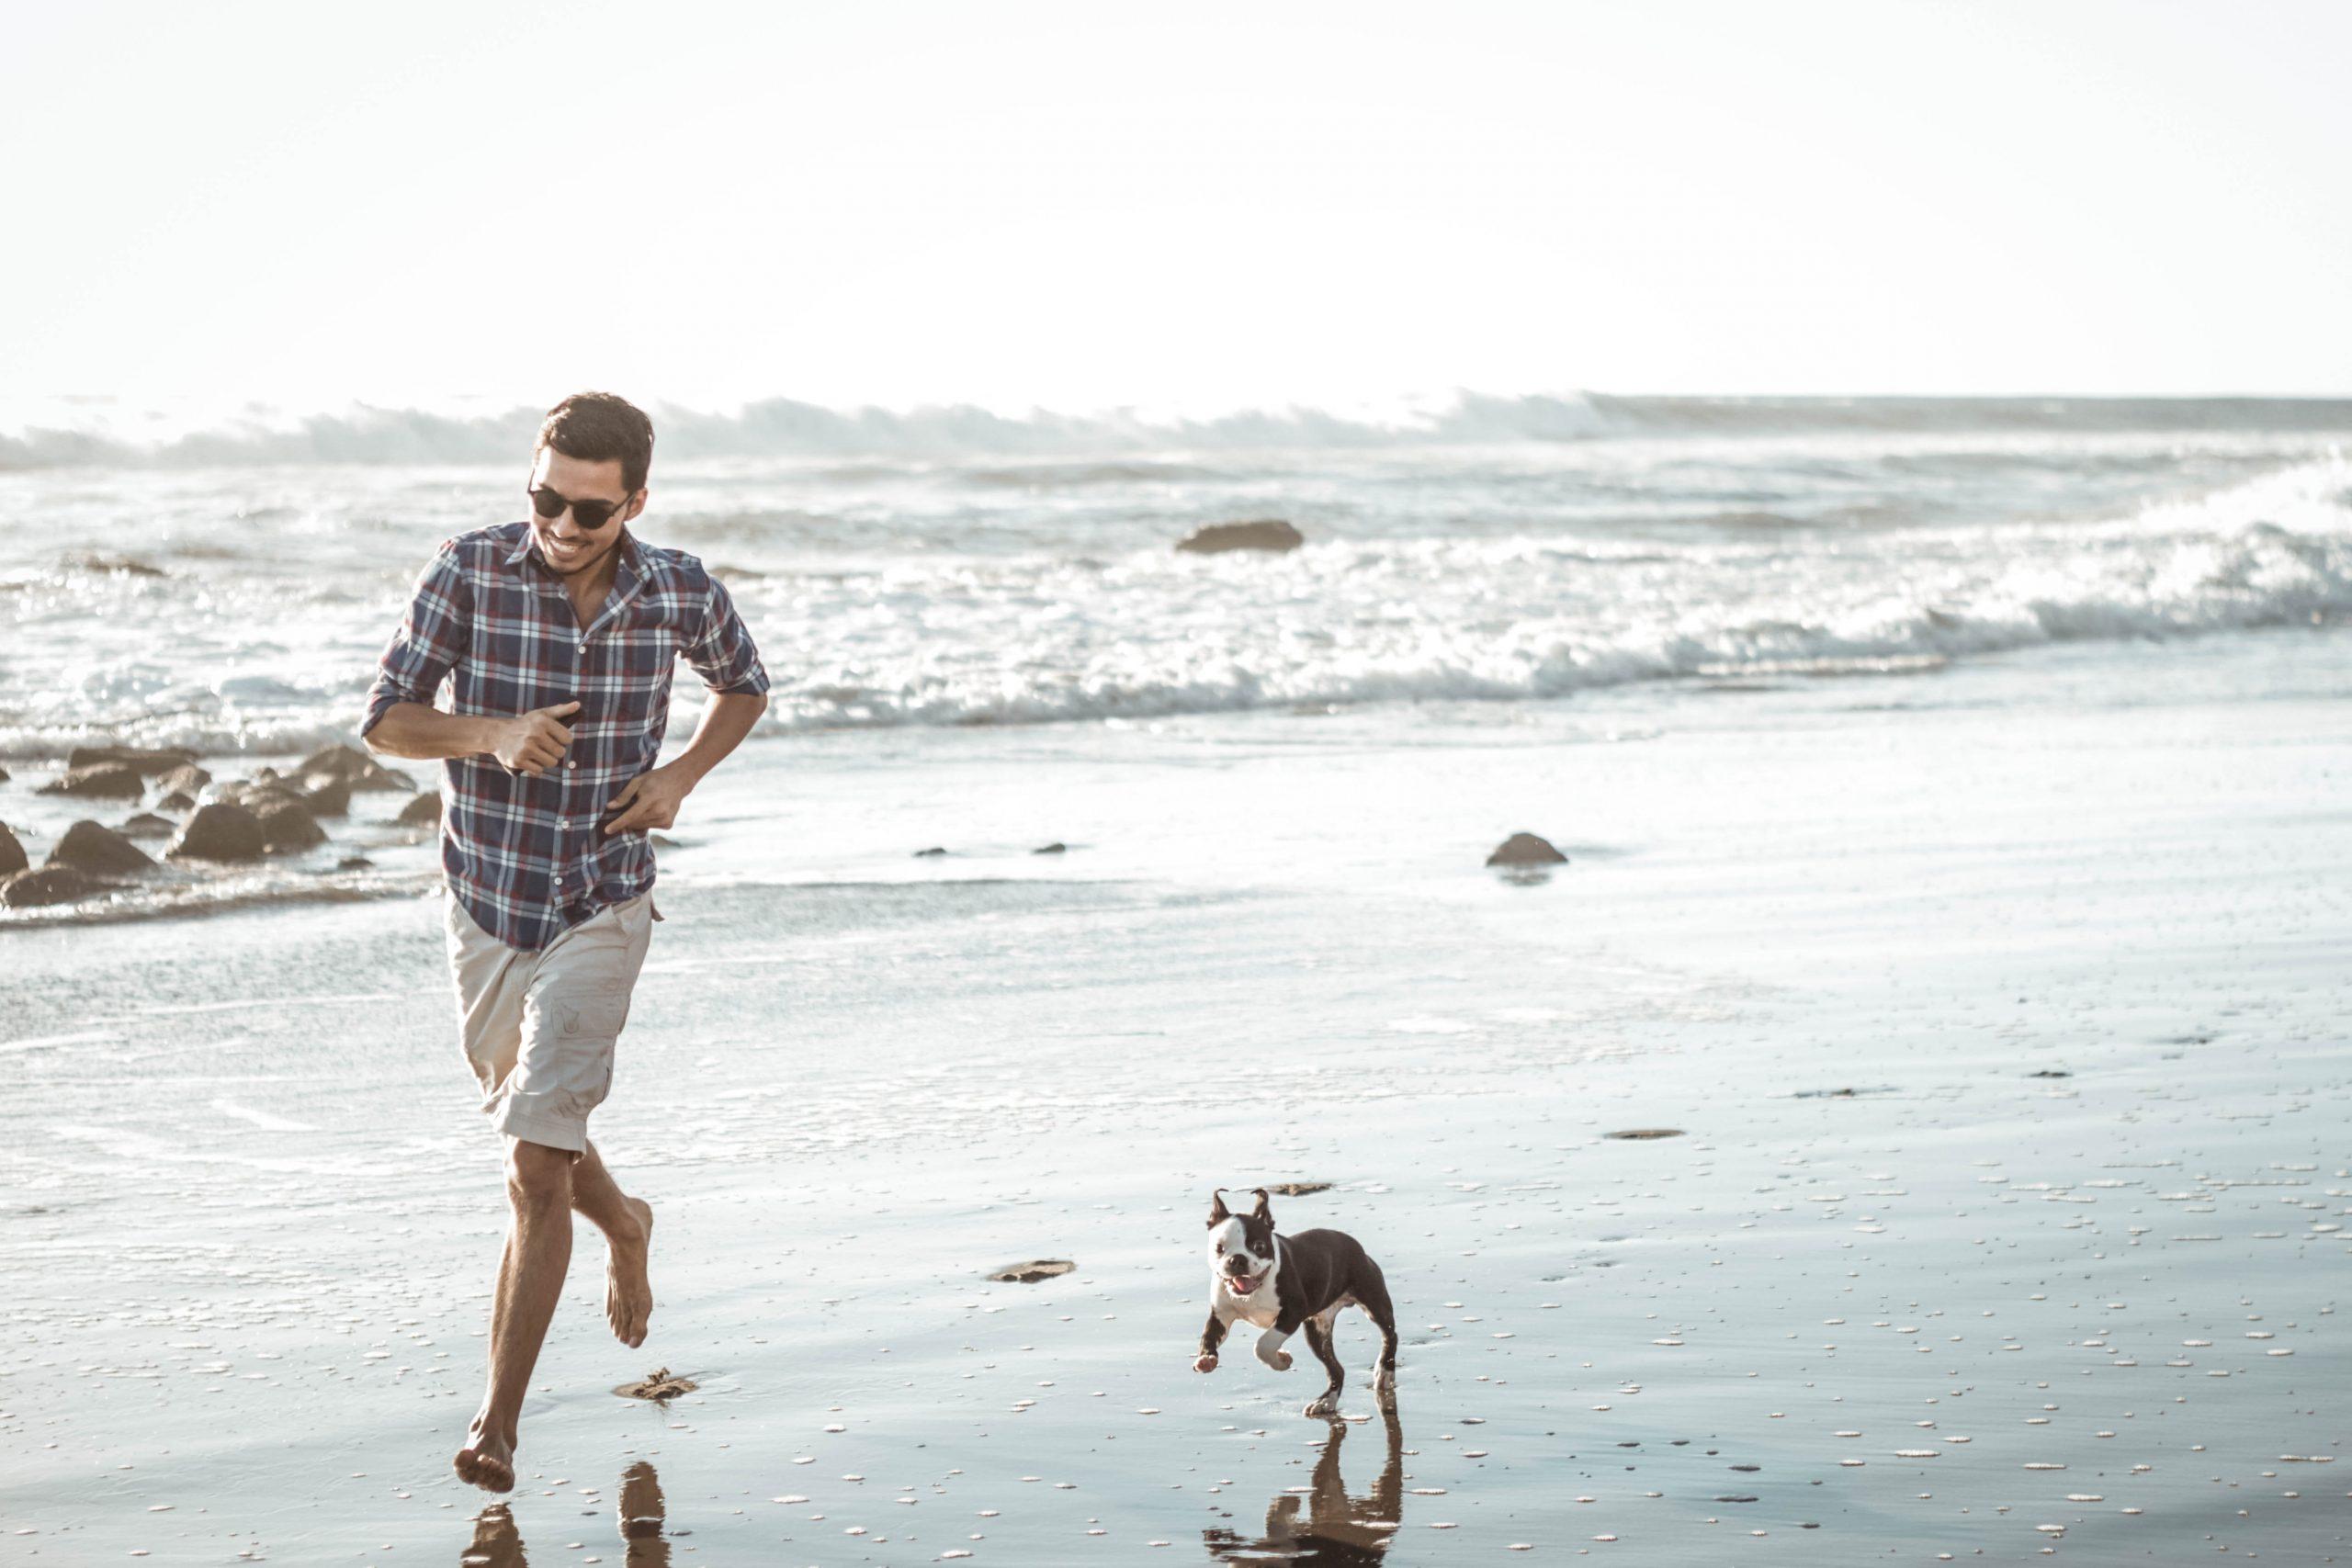 plage France 2020 avec chien